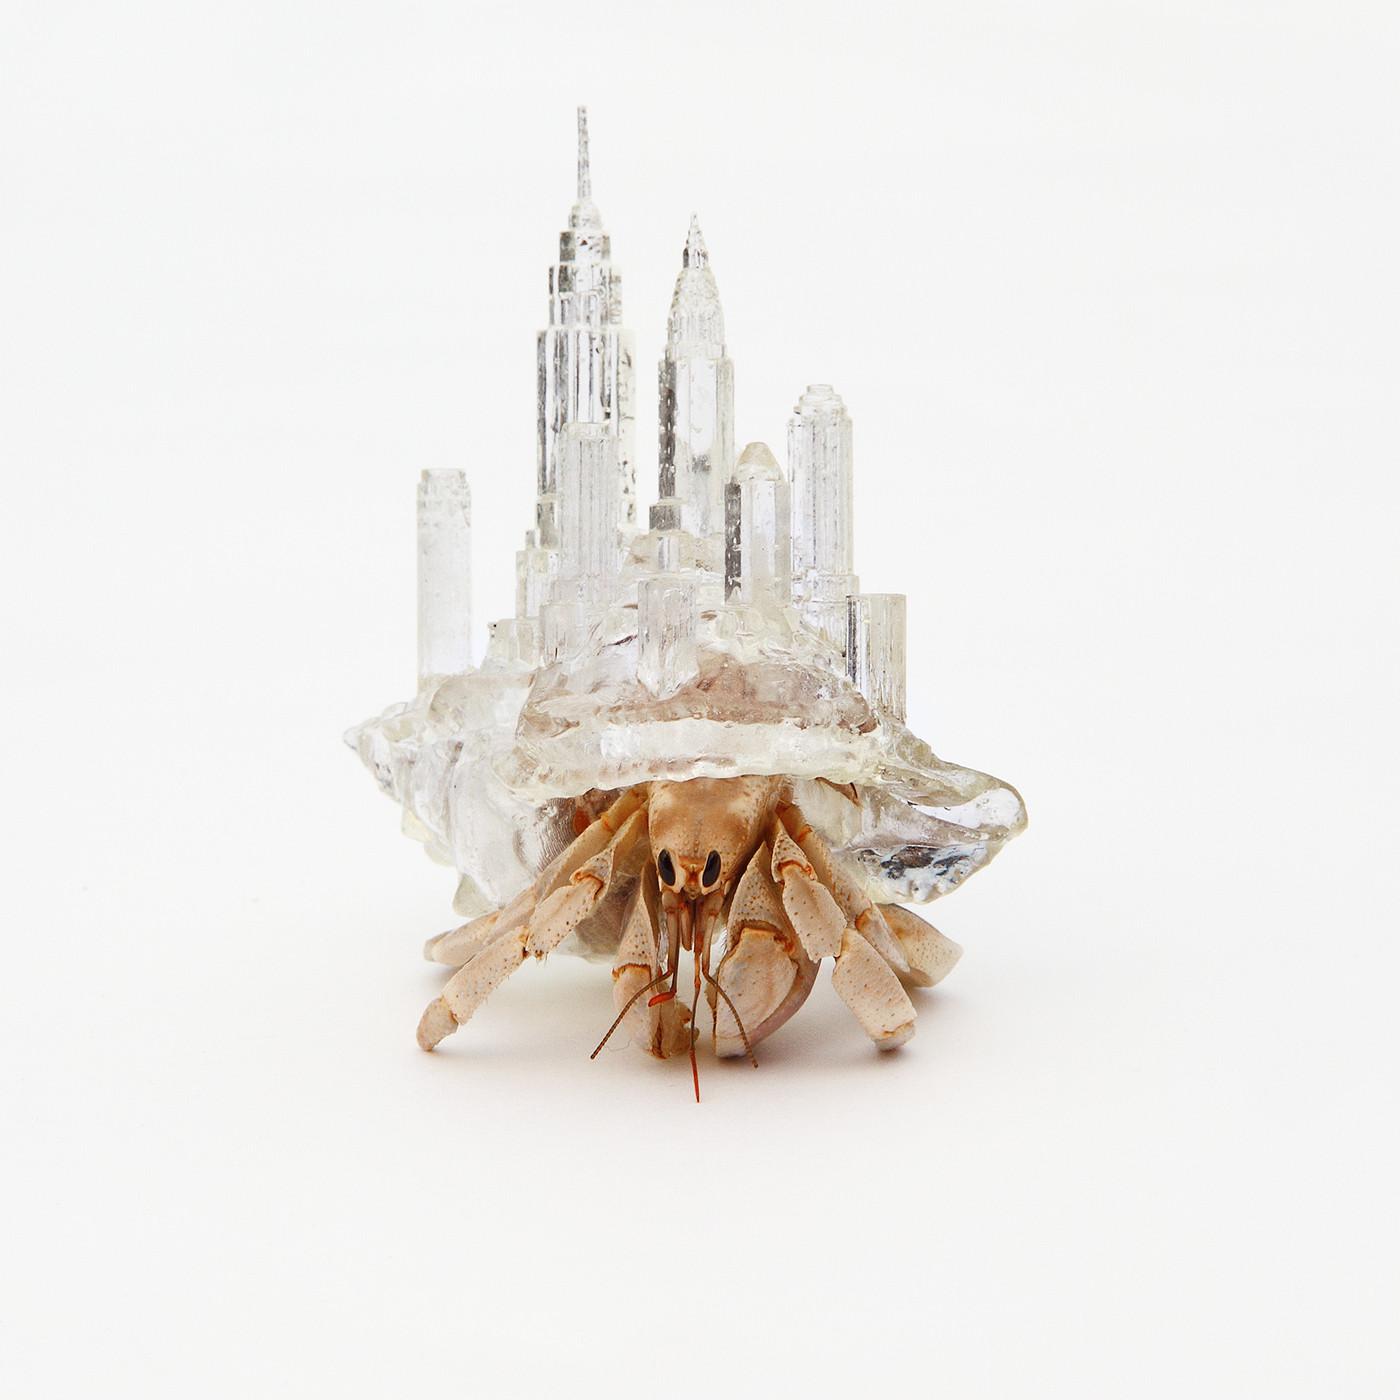 Arte y Arquitectura: ¿Por qué no hacer el refugio de un cangrejo ermitaño?, © Aki Inomata